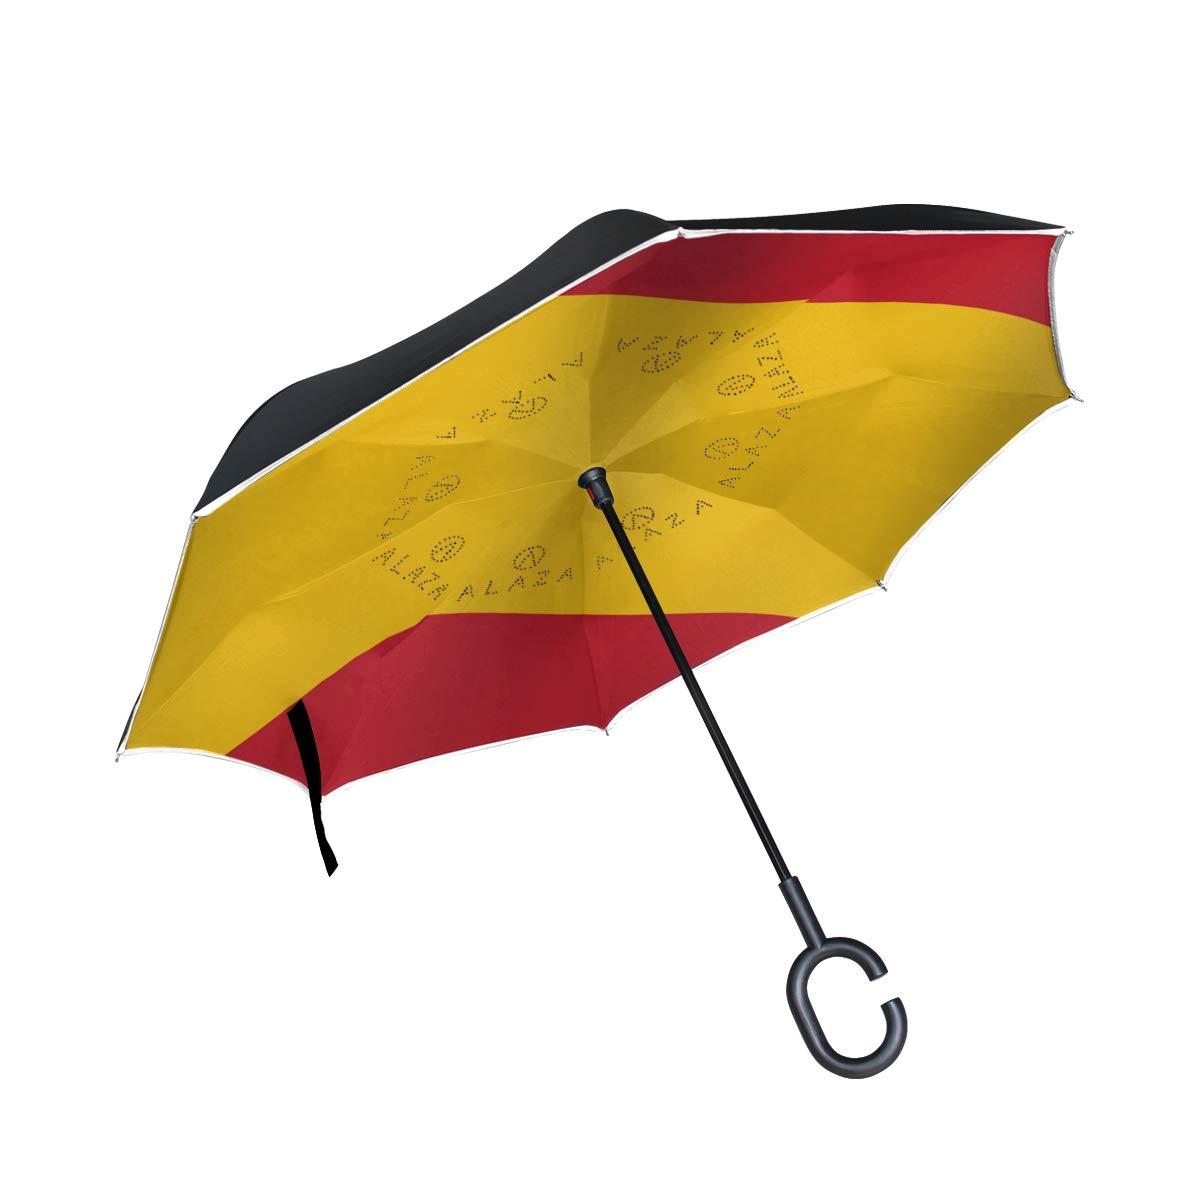 Paraguas invertido de doble capa, paraguas plegable con diseño de la bandera de España a prueba de viento, para coche, lluvia, aire libre, con mango en forma de C: Amazon.es: Deportes y